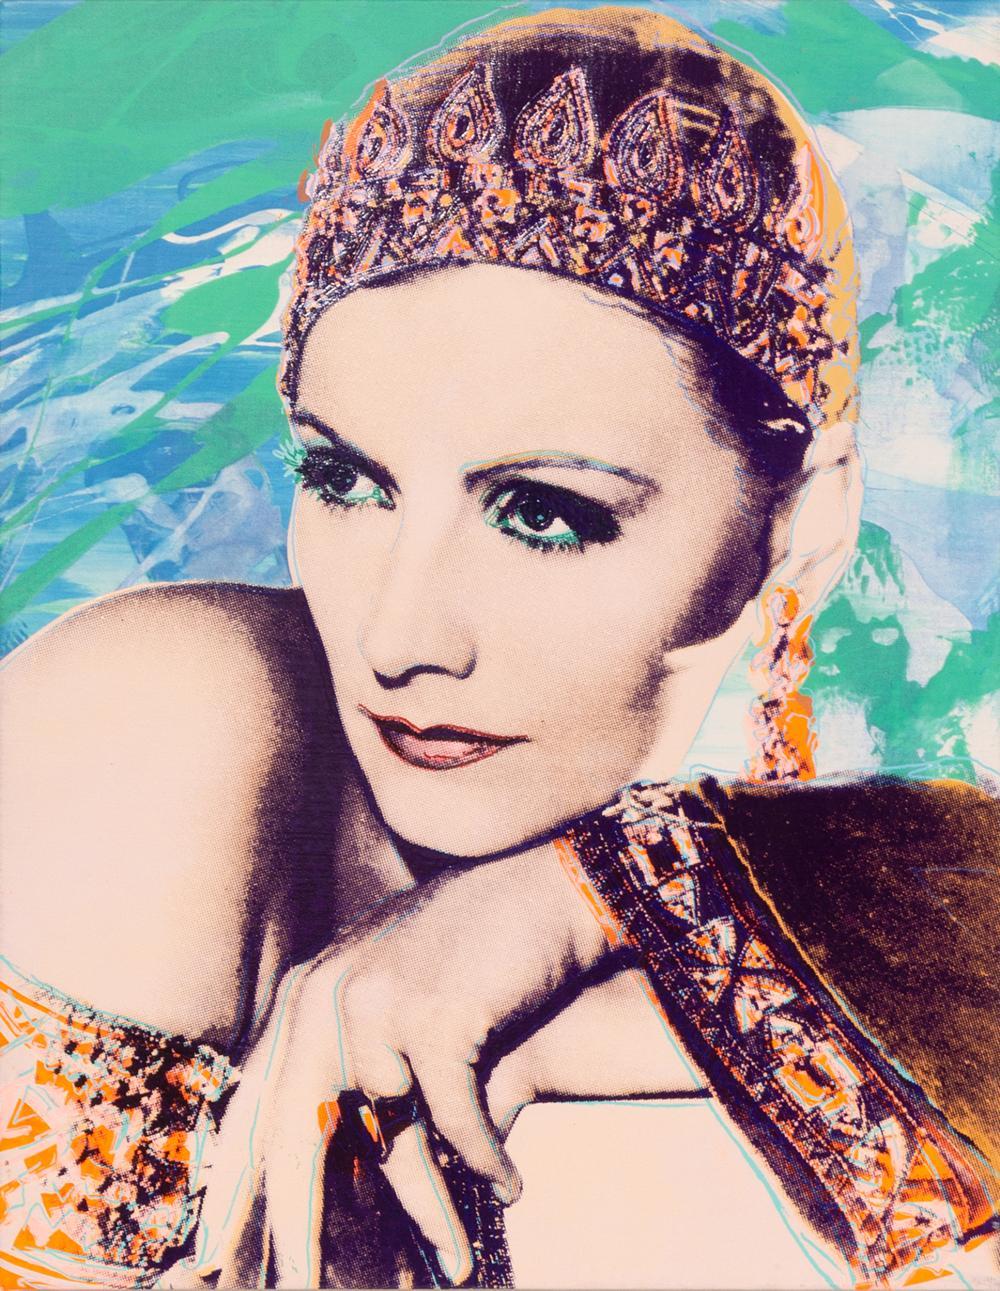 Rupert Jasen Smith, Greta Garbo No. 4, Acrylic and Silkscreen Painting